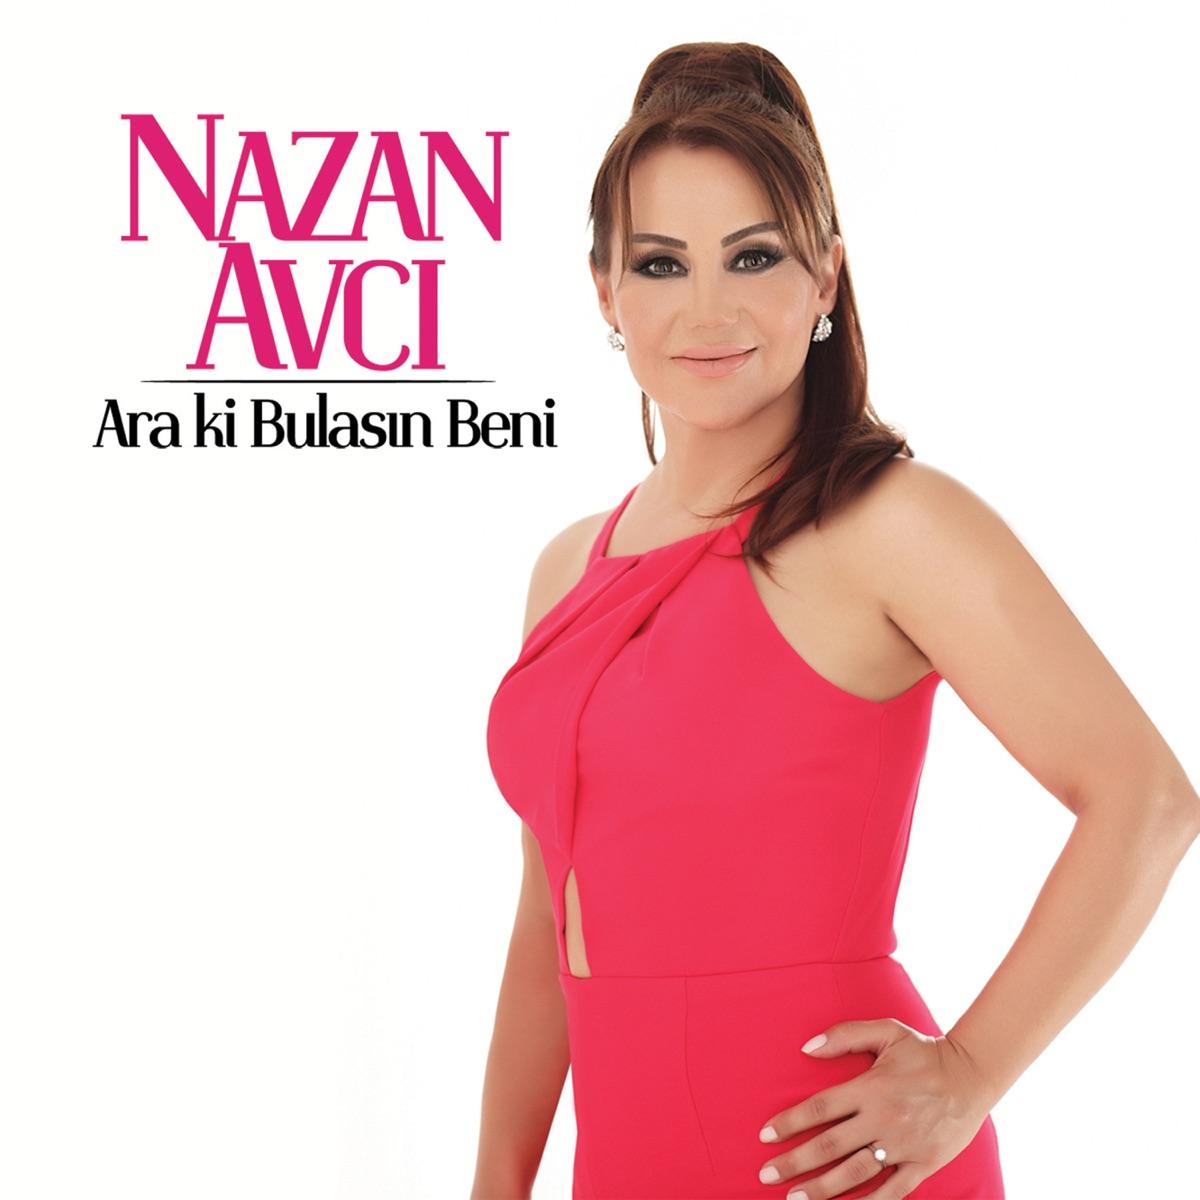 Ara ki Bulasın Beni - EP Nazan Avcı CD cover